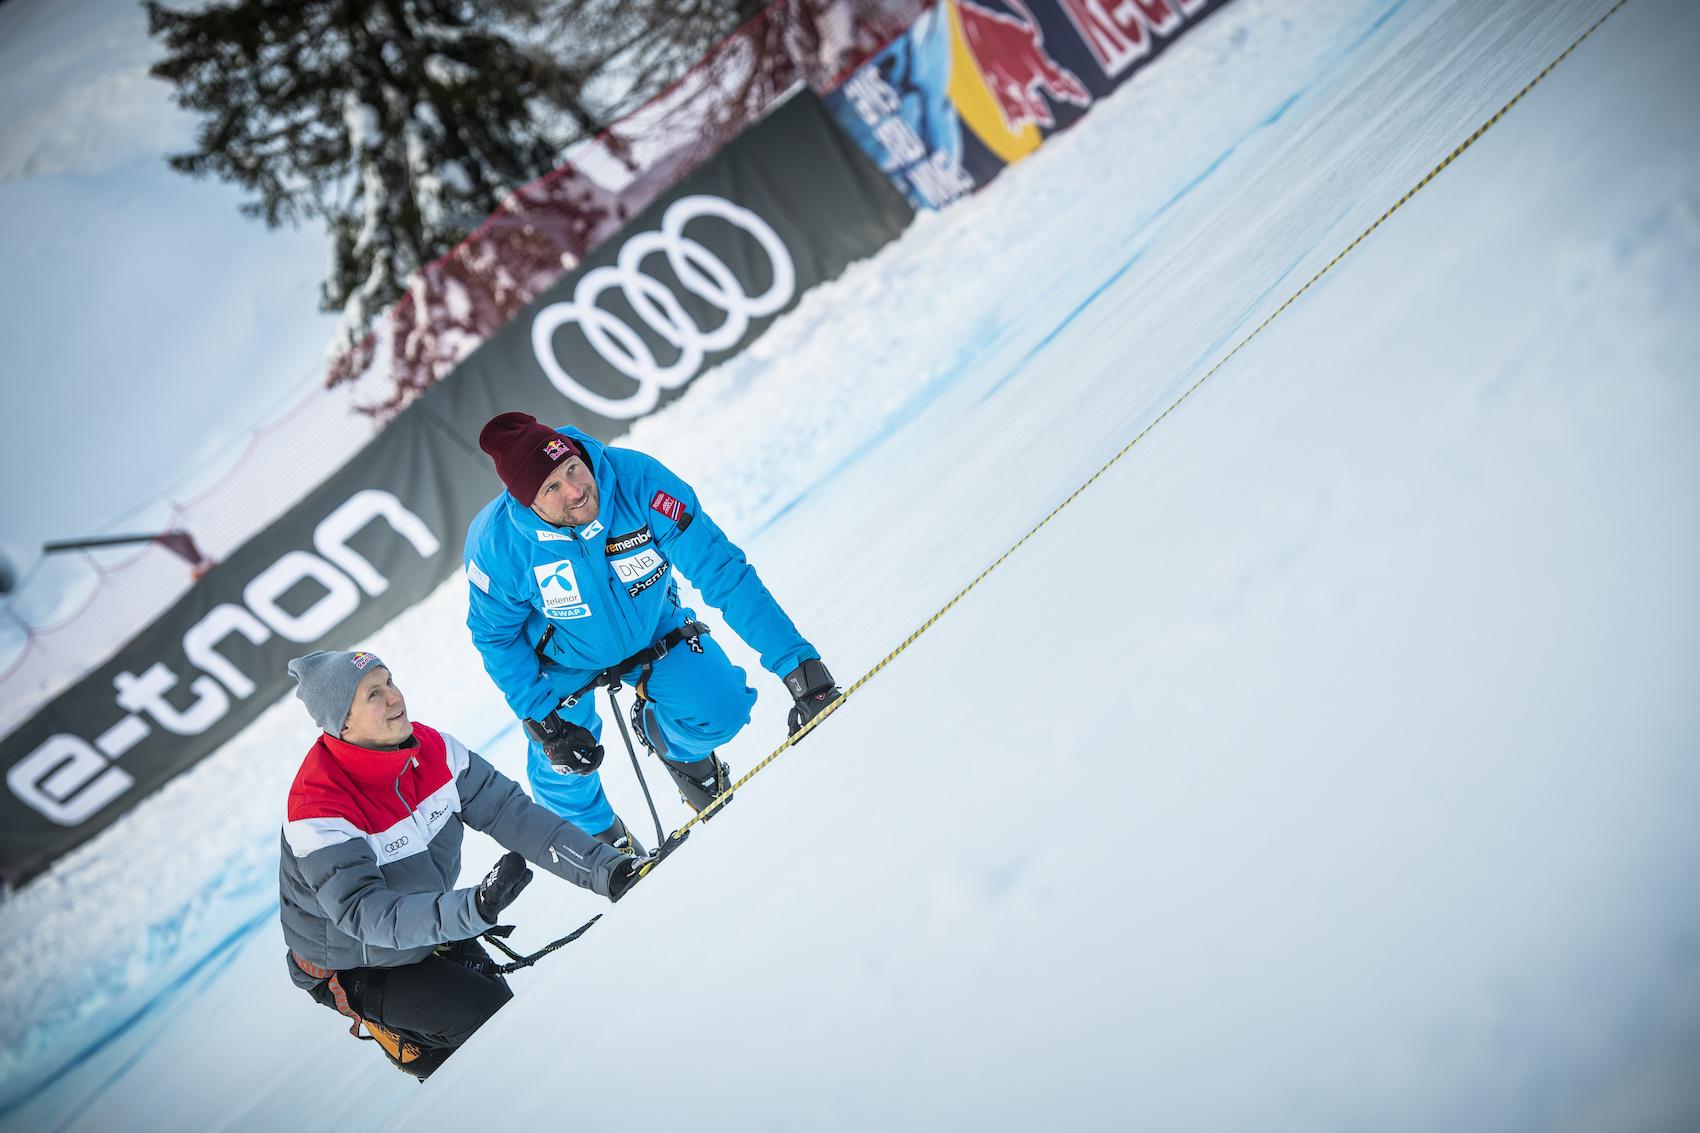 Il campione di DTM Mattias Ekström (40 anni, a sx) e la superstar dello sci Aksel Lund Svindal (36 anni) mentre ispezionano il tracciato. (Foto: AUDI)